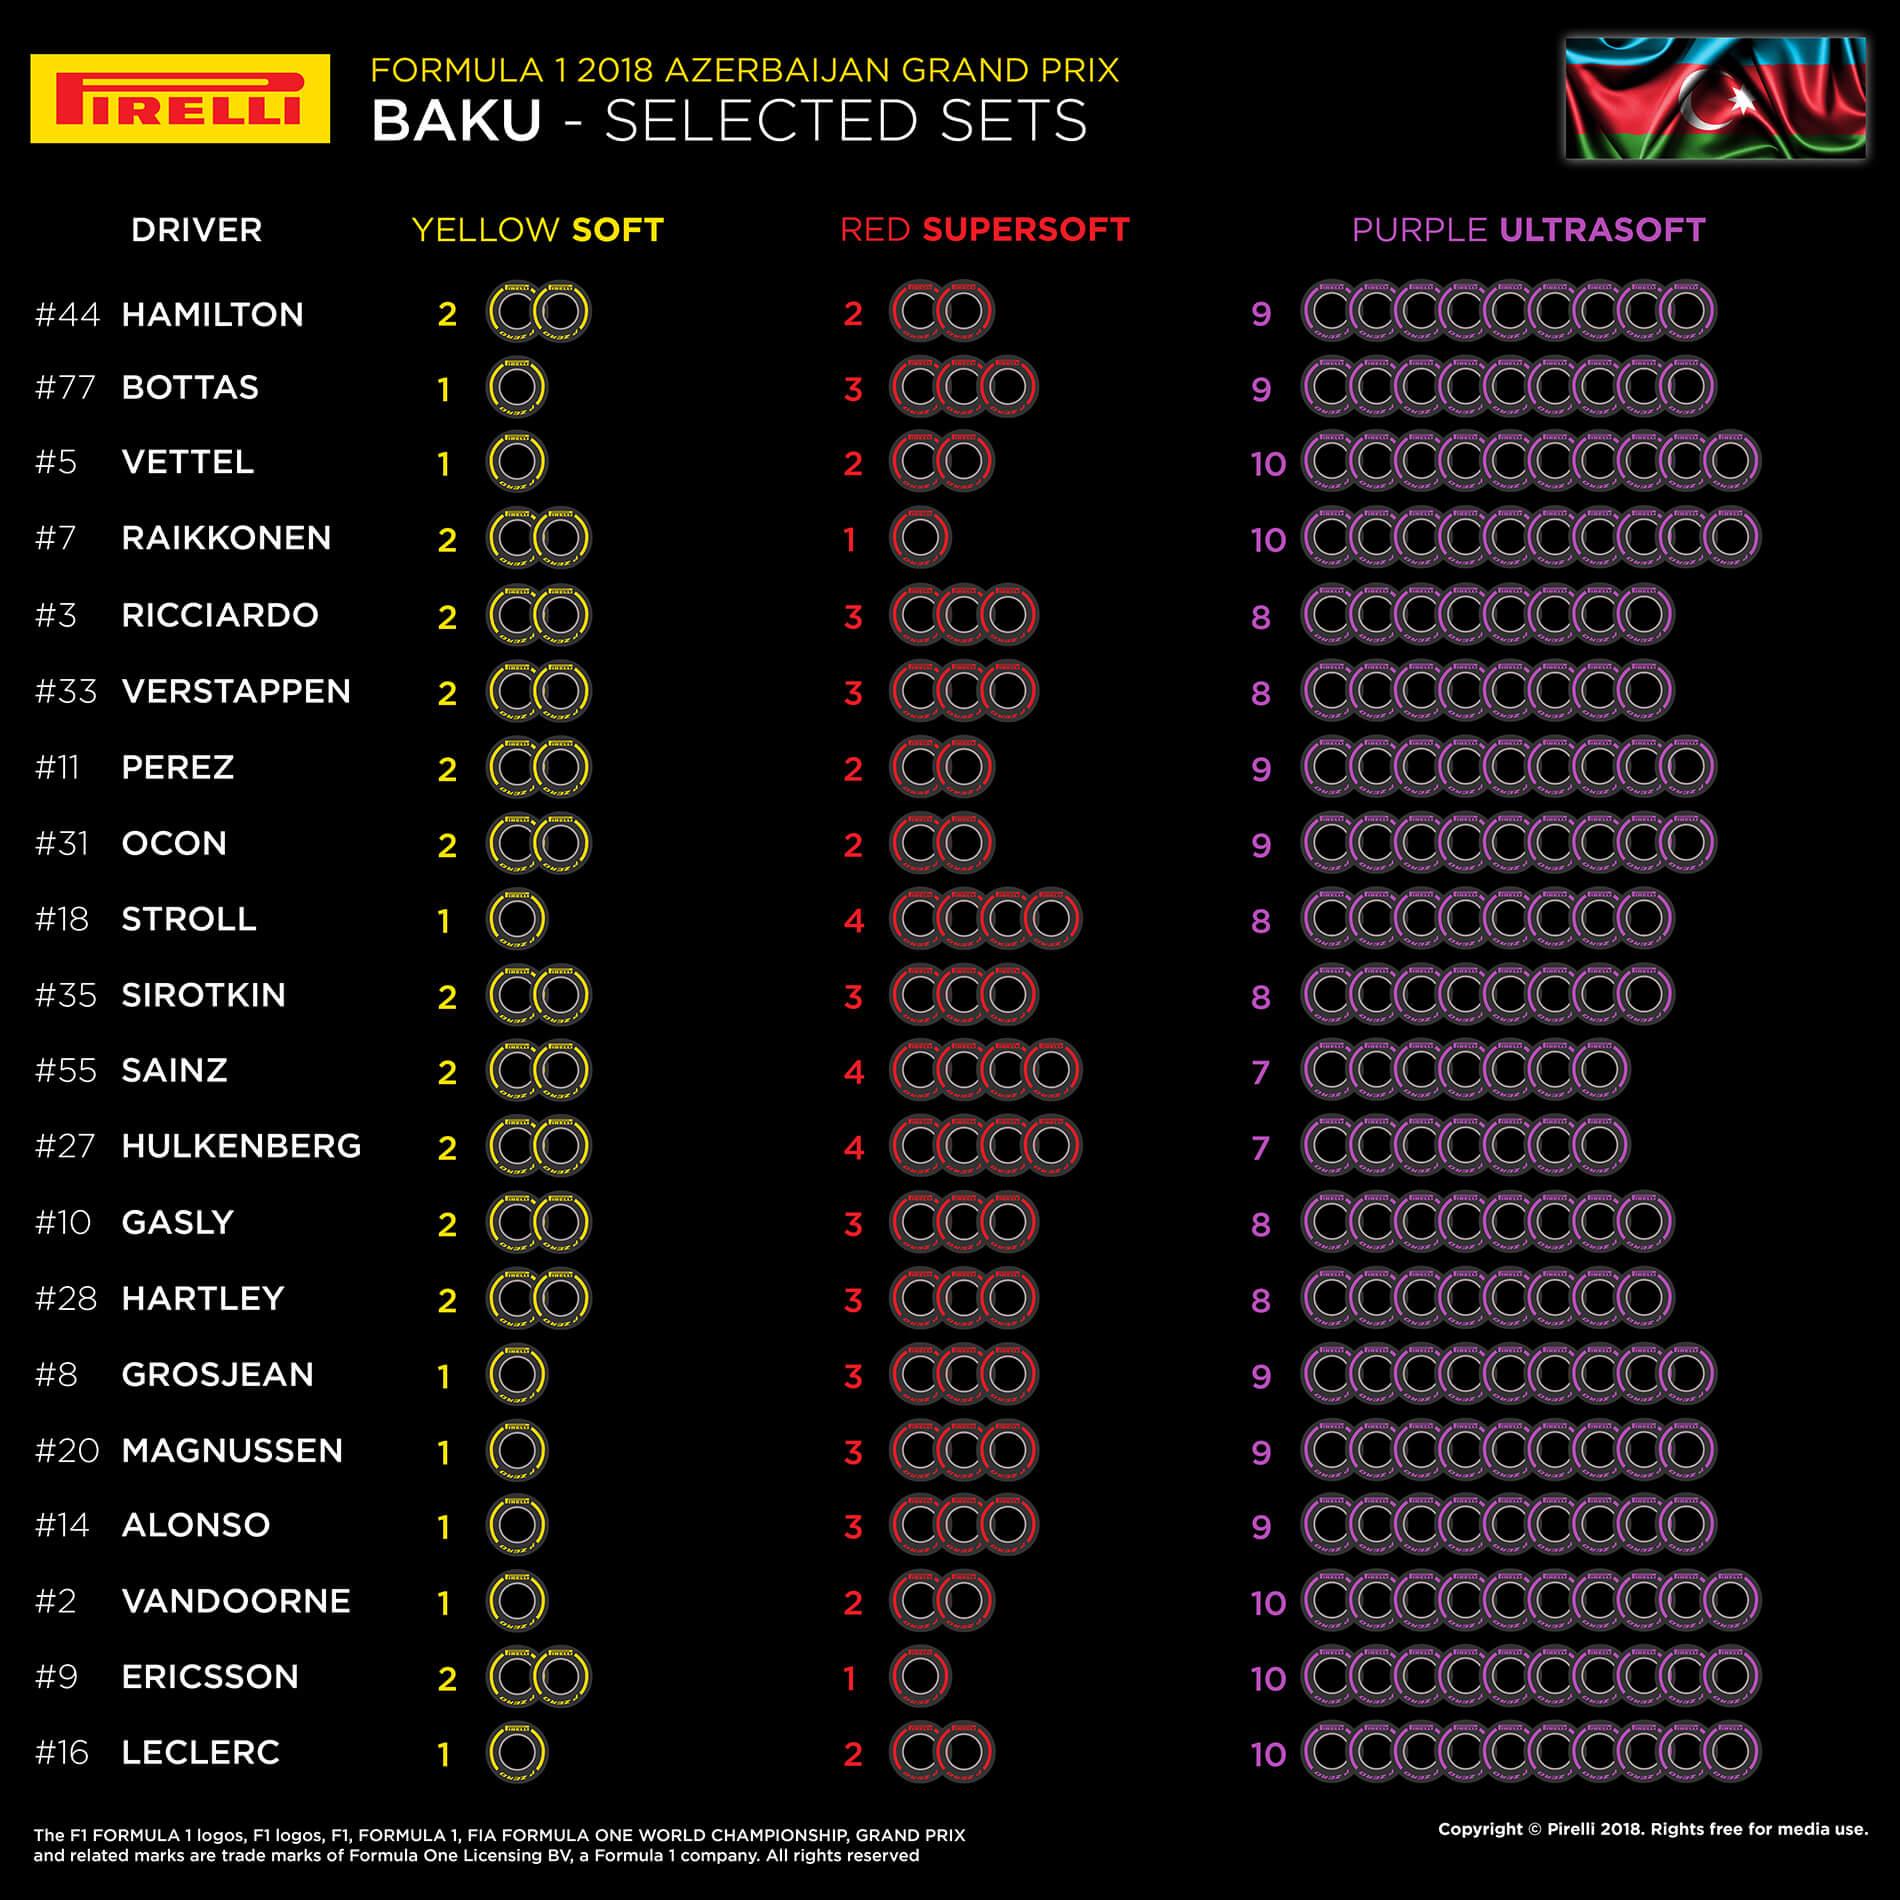 20859_04-az-selected-sets-per-driver-en.jpg